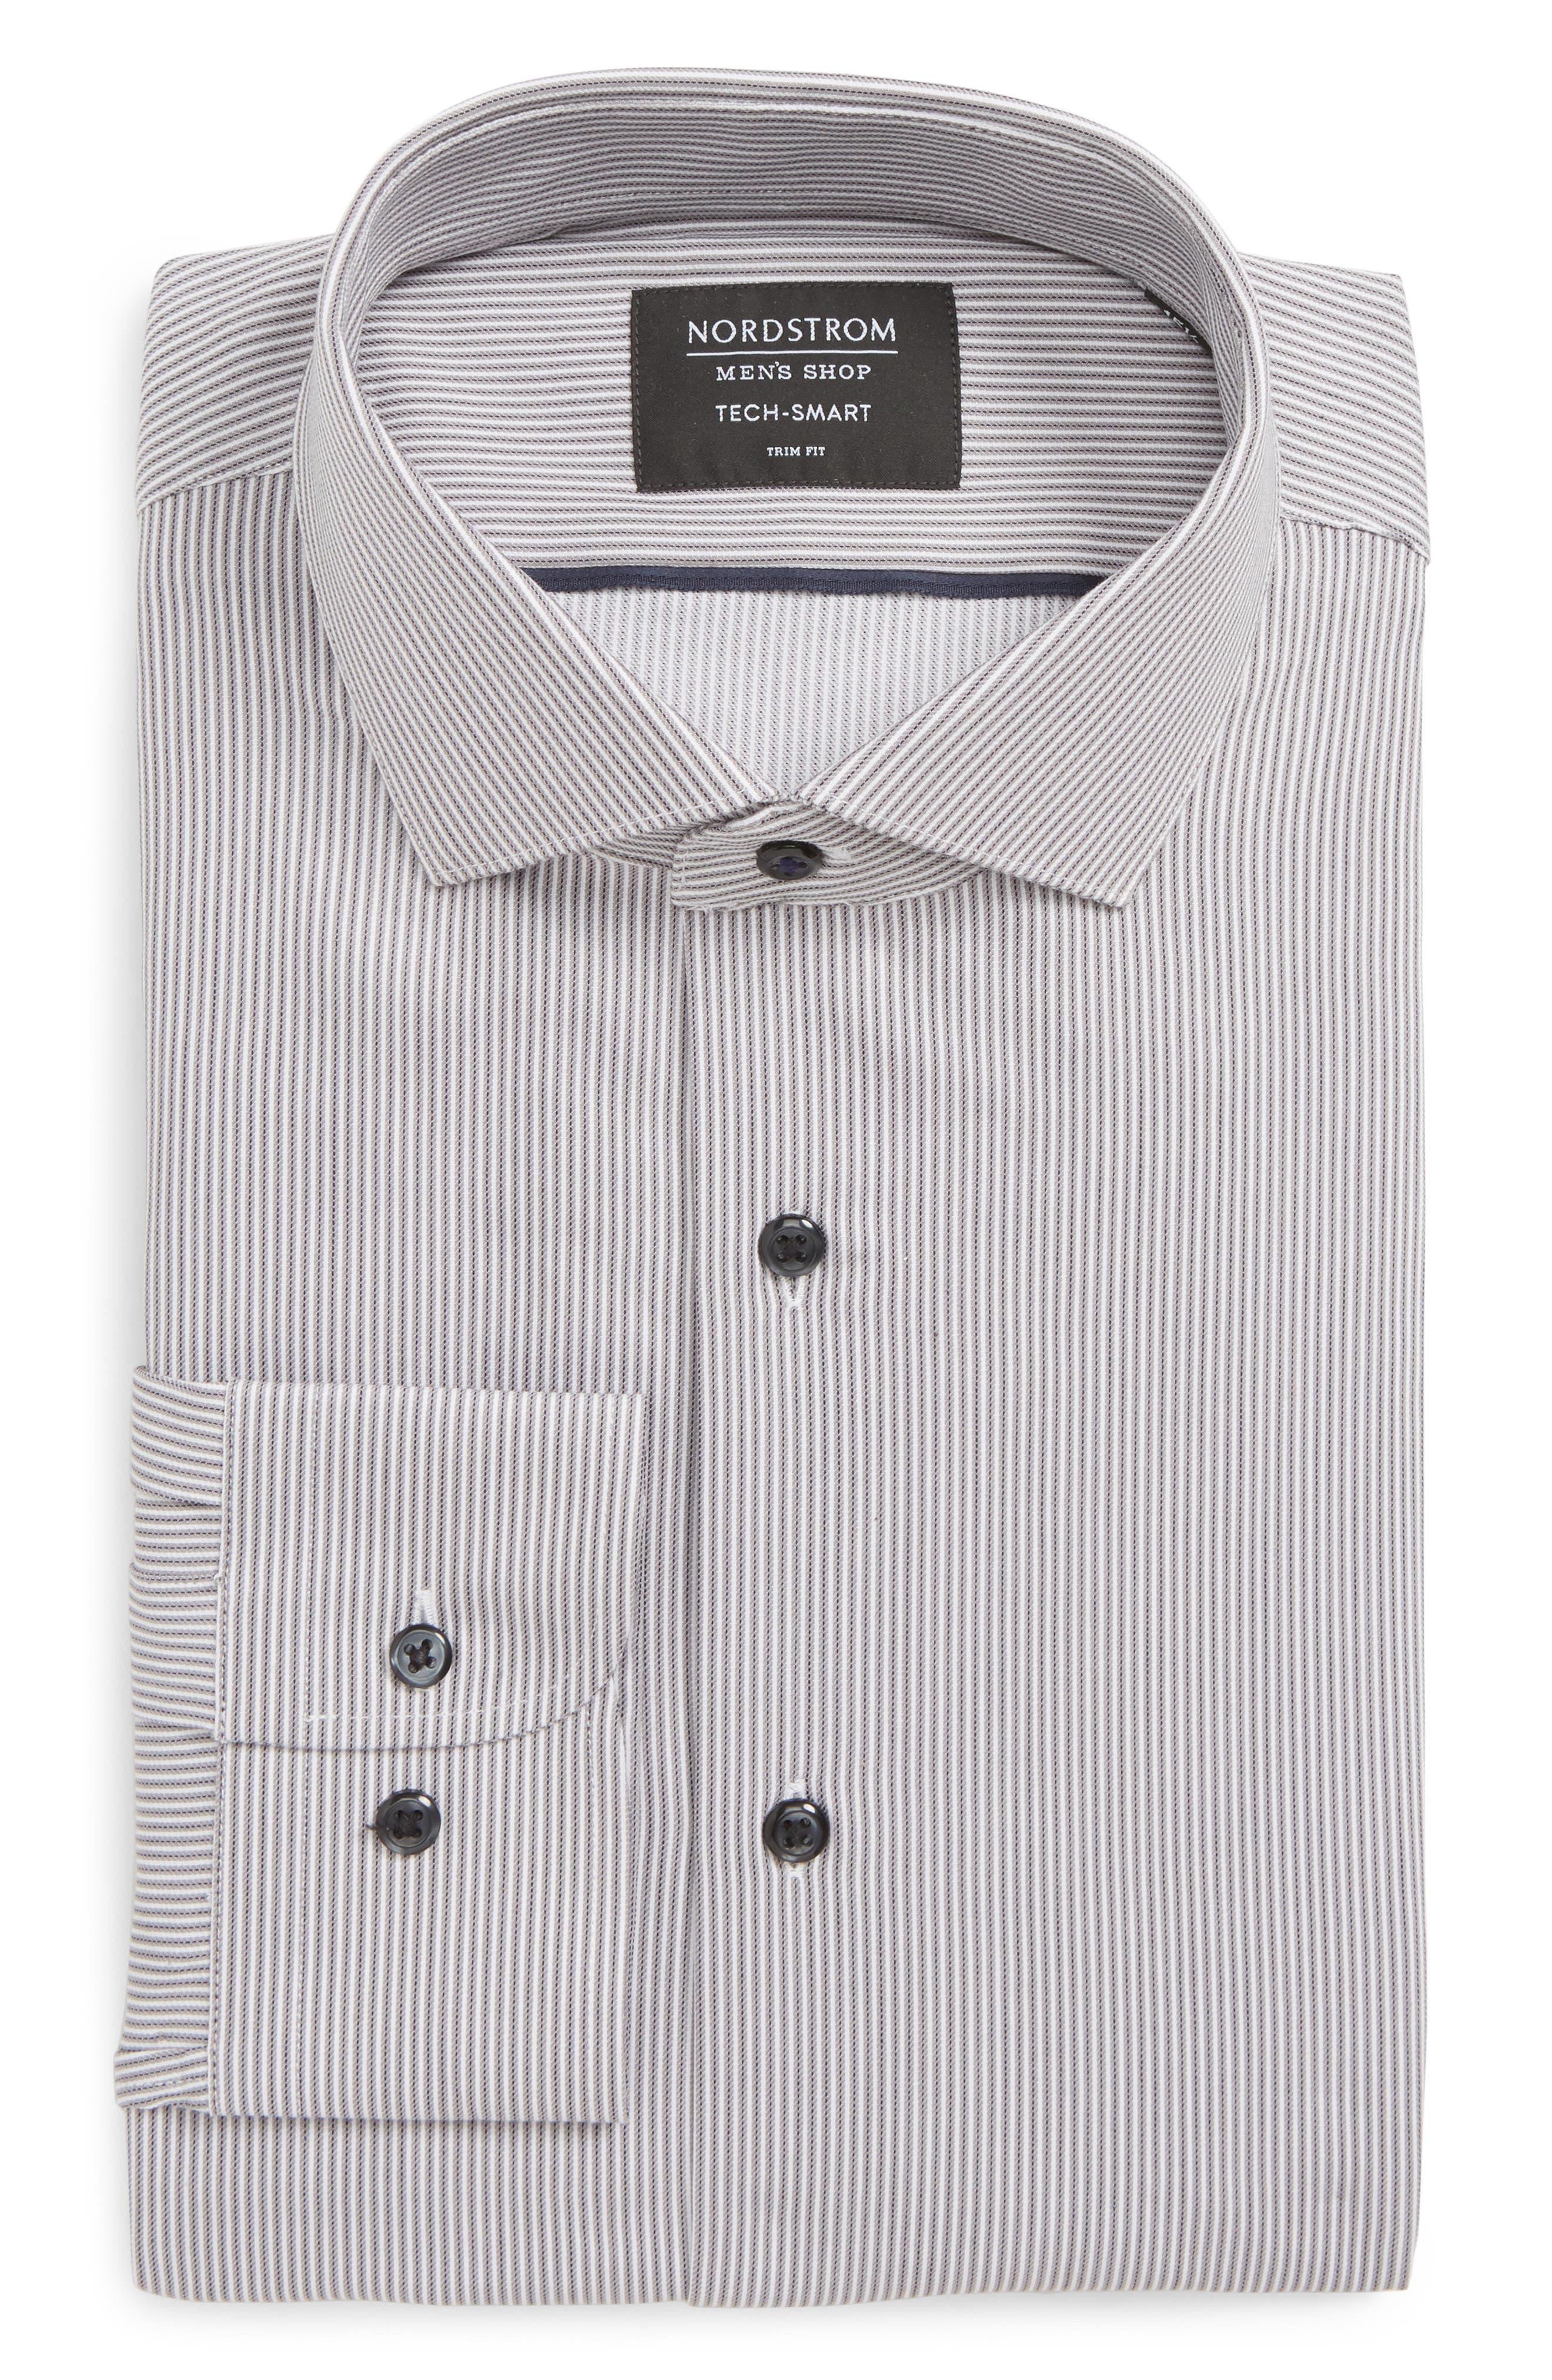 NORDSTROM MEN'S SHOP,                             Tech-Smart Trim Fit Stretch Stripe Dress Shirt,                             Main thumbnail 1, color,                             021